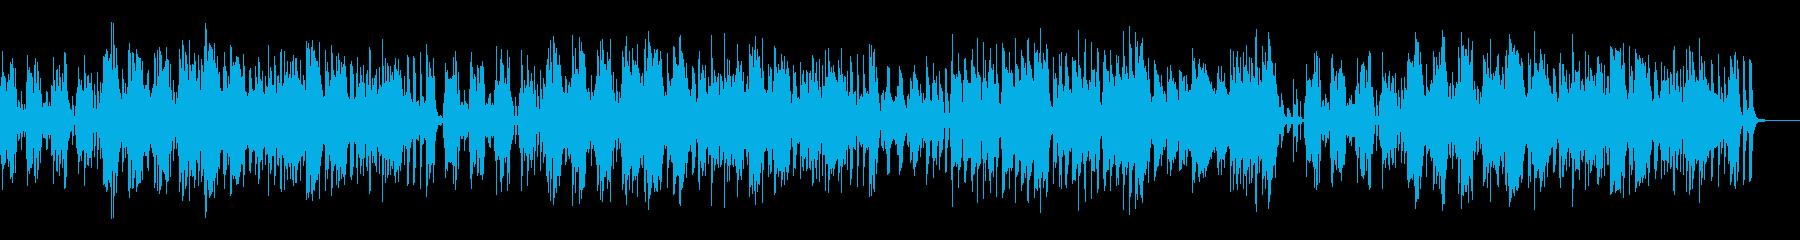 子犬と散歩 のんびりほのぼのポップスの再生済みの波形